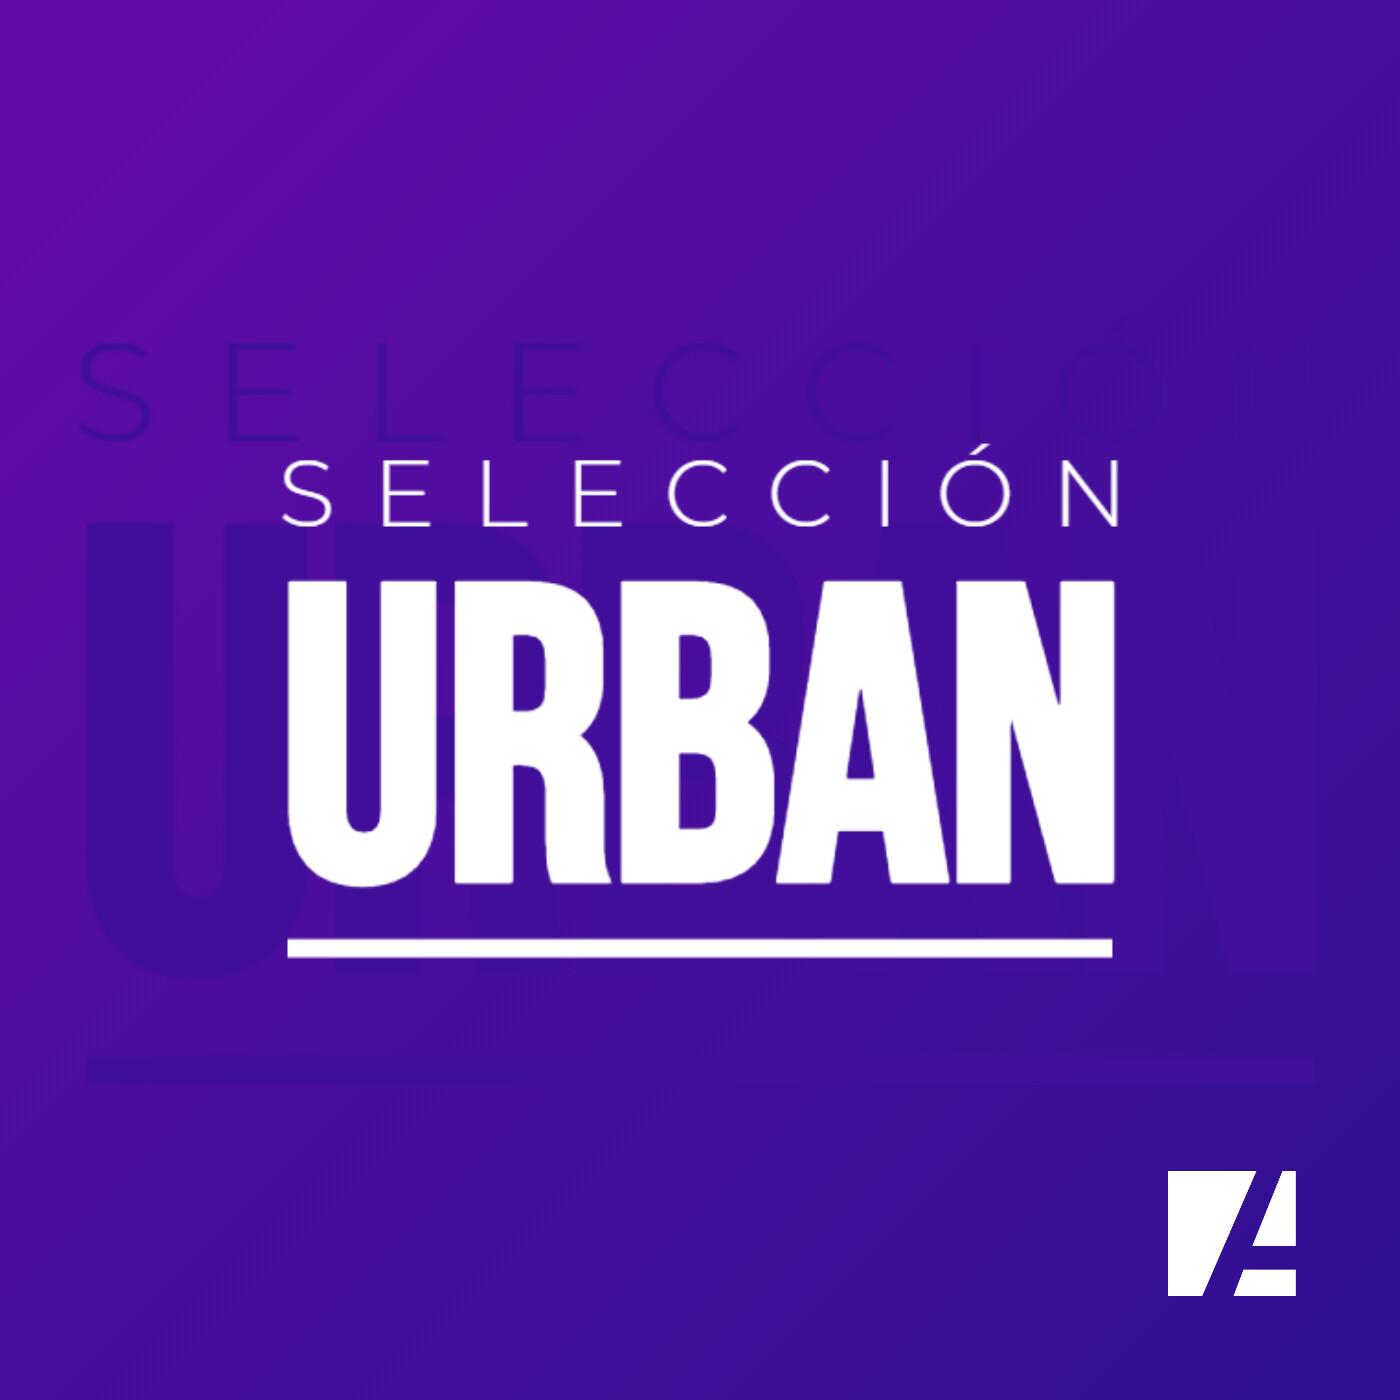 Seleccion Urban 2020-10-19 18:00